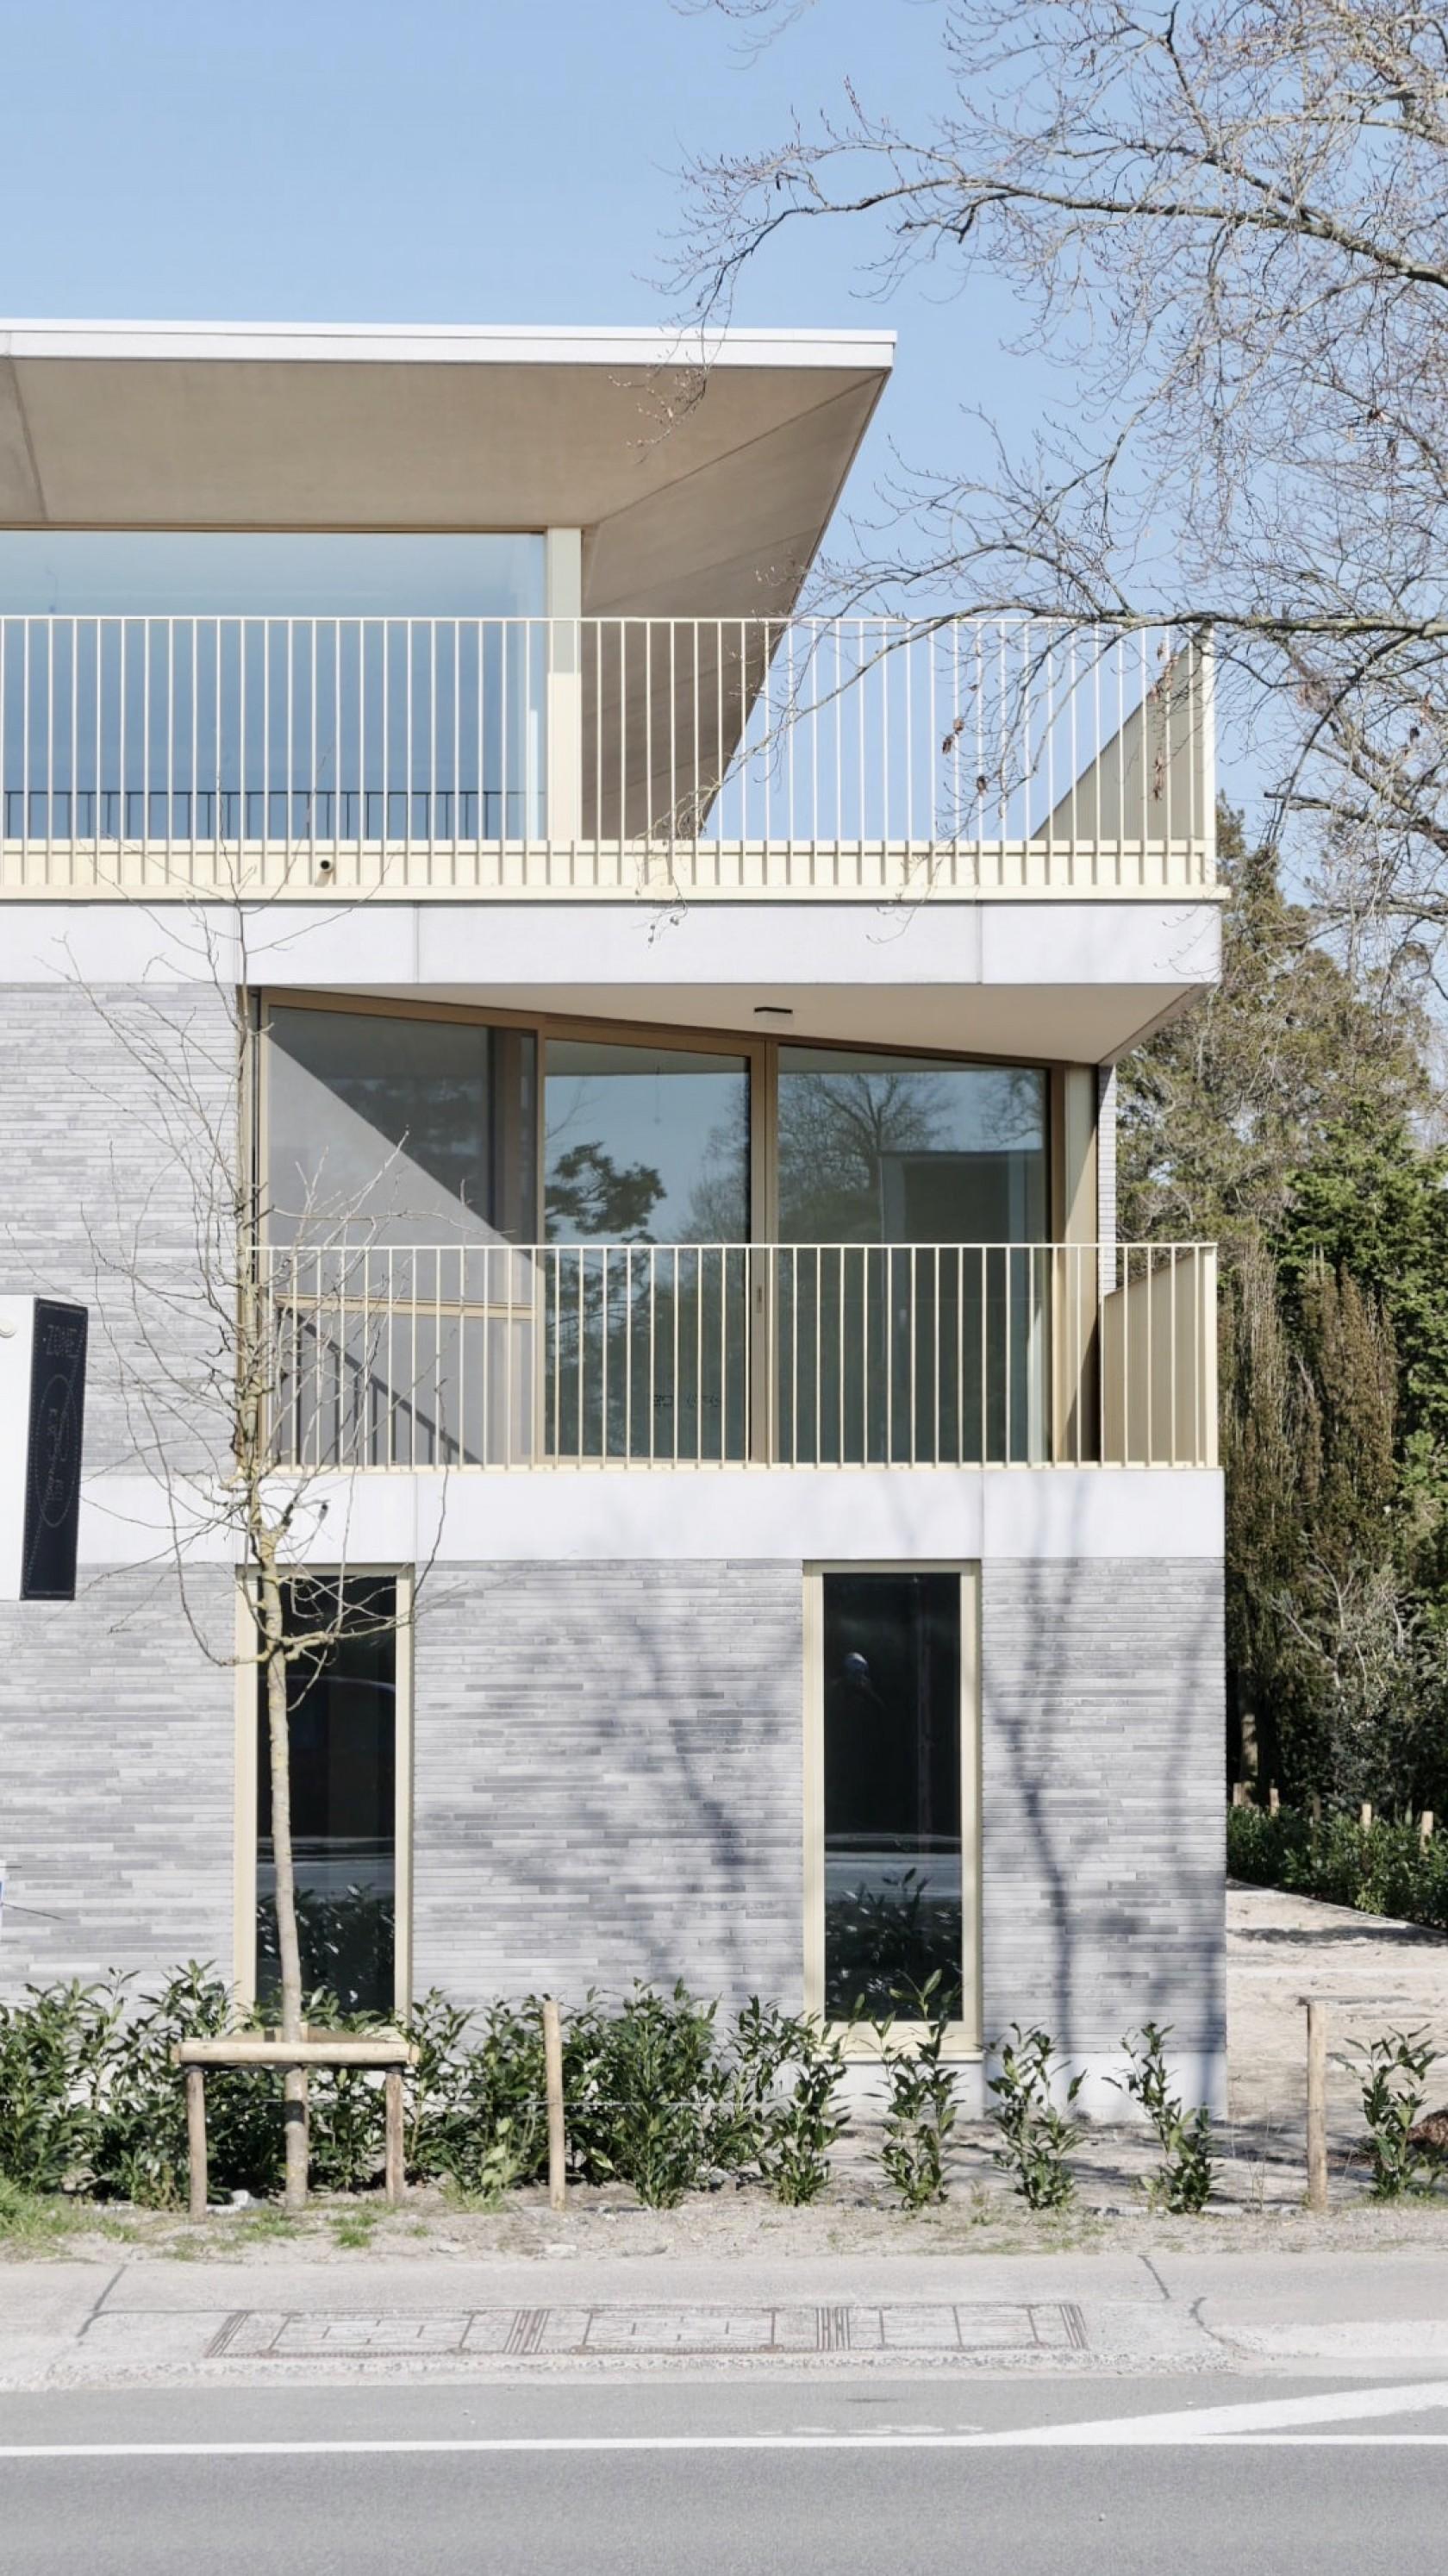 Abscis Architecten - Ankersmit - frontaal vooraanzicht